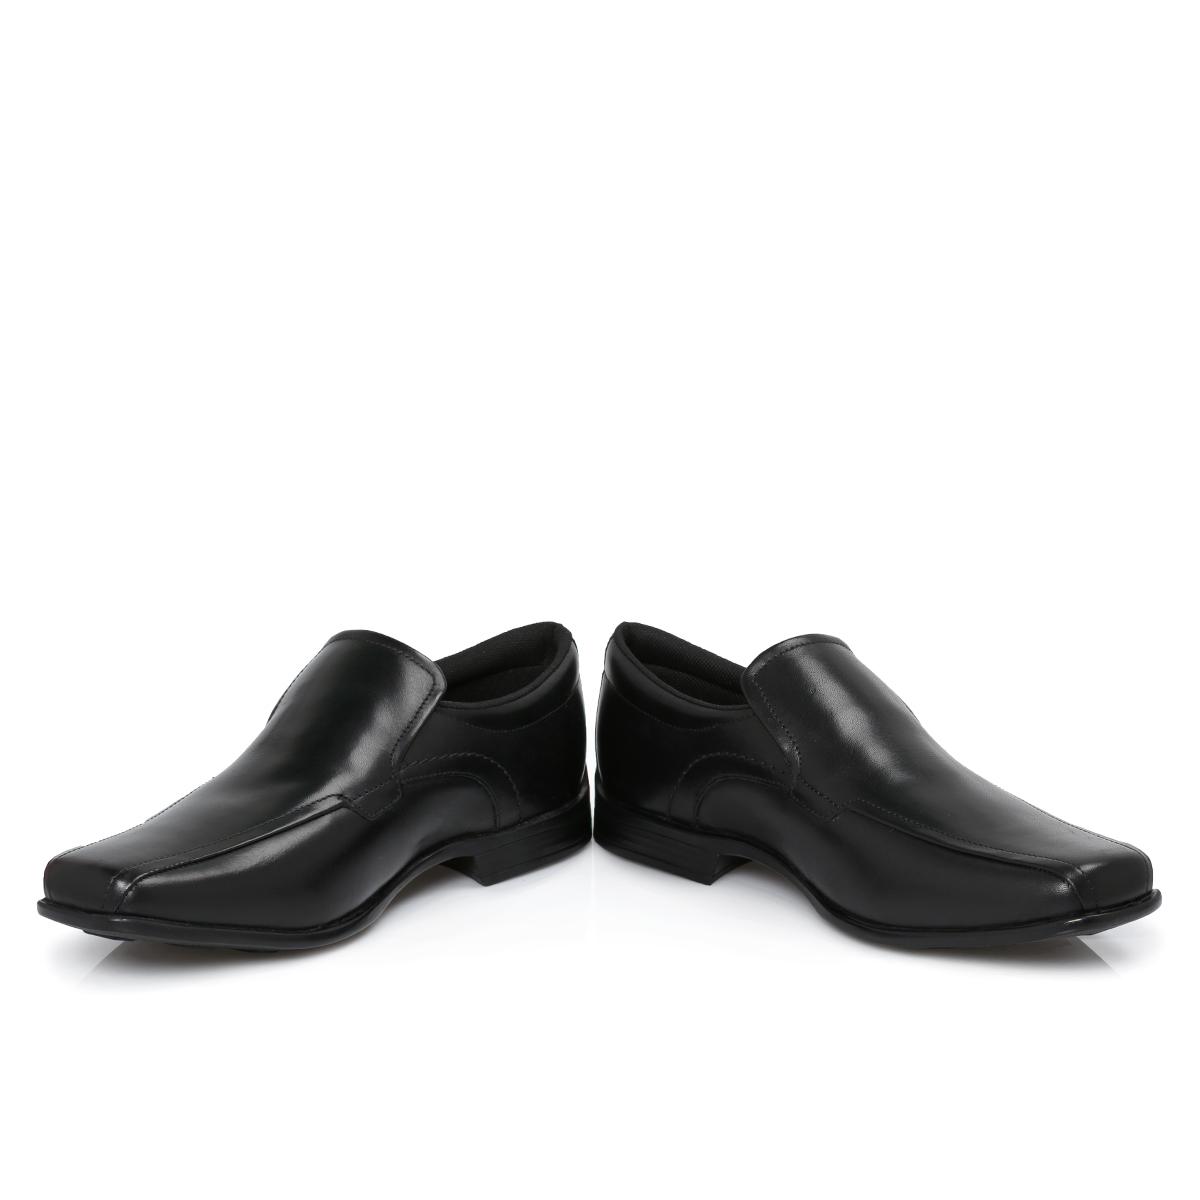 Kickers Ferock Mens Slip On Shoes